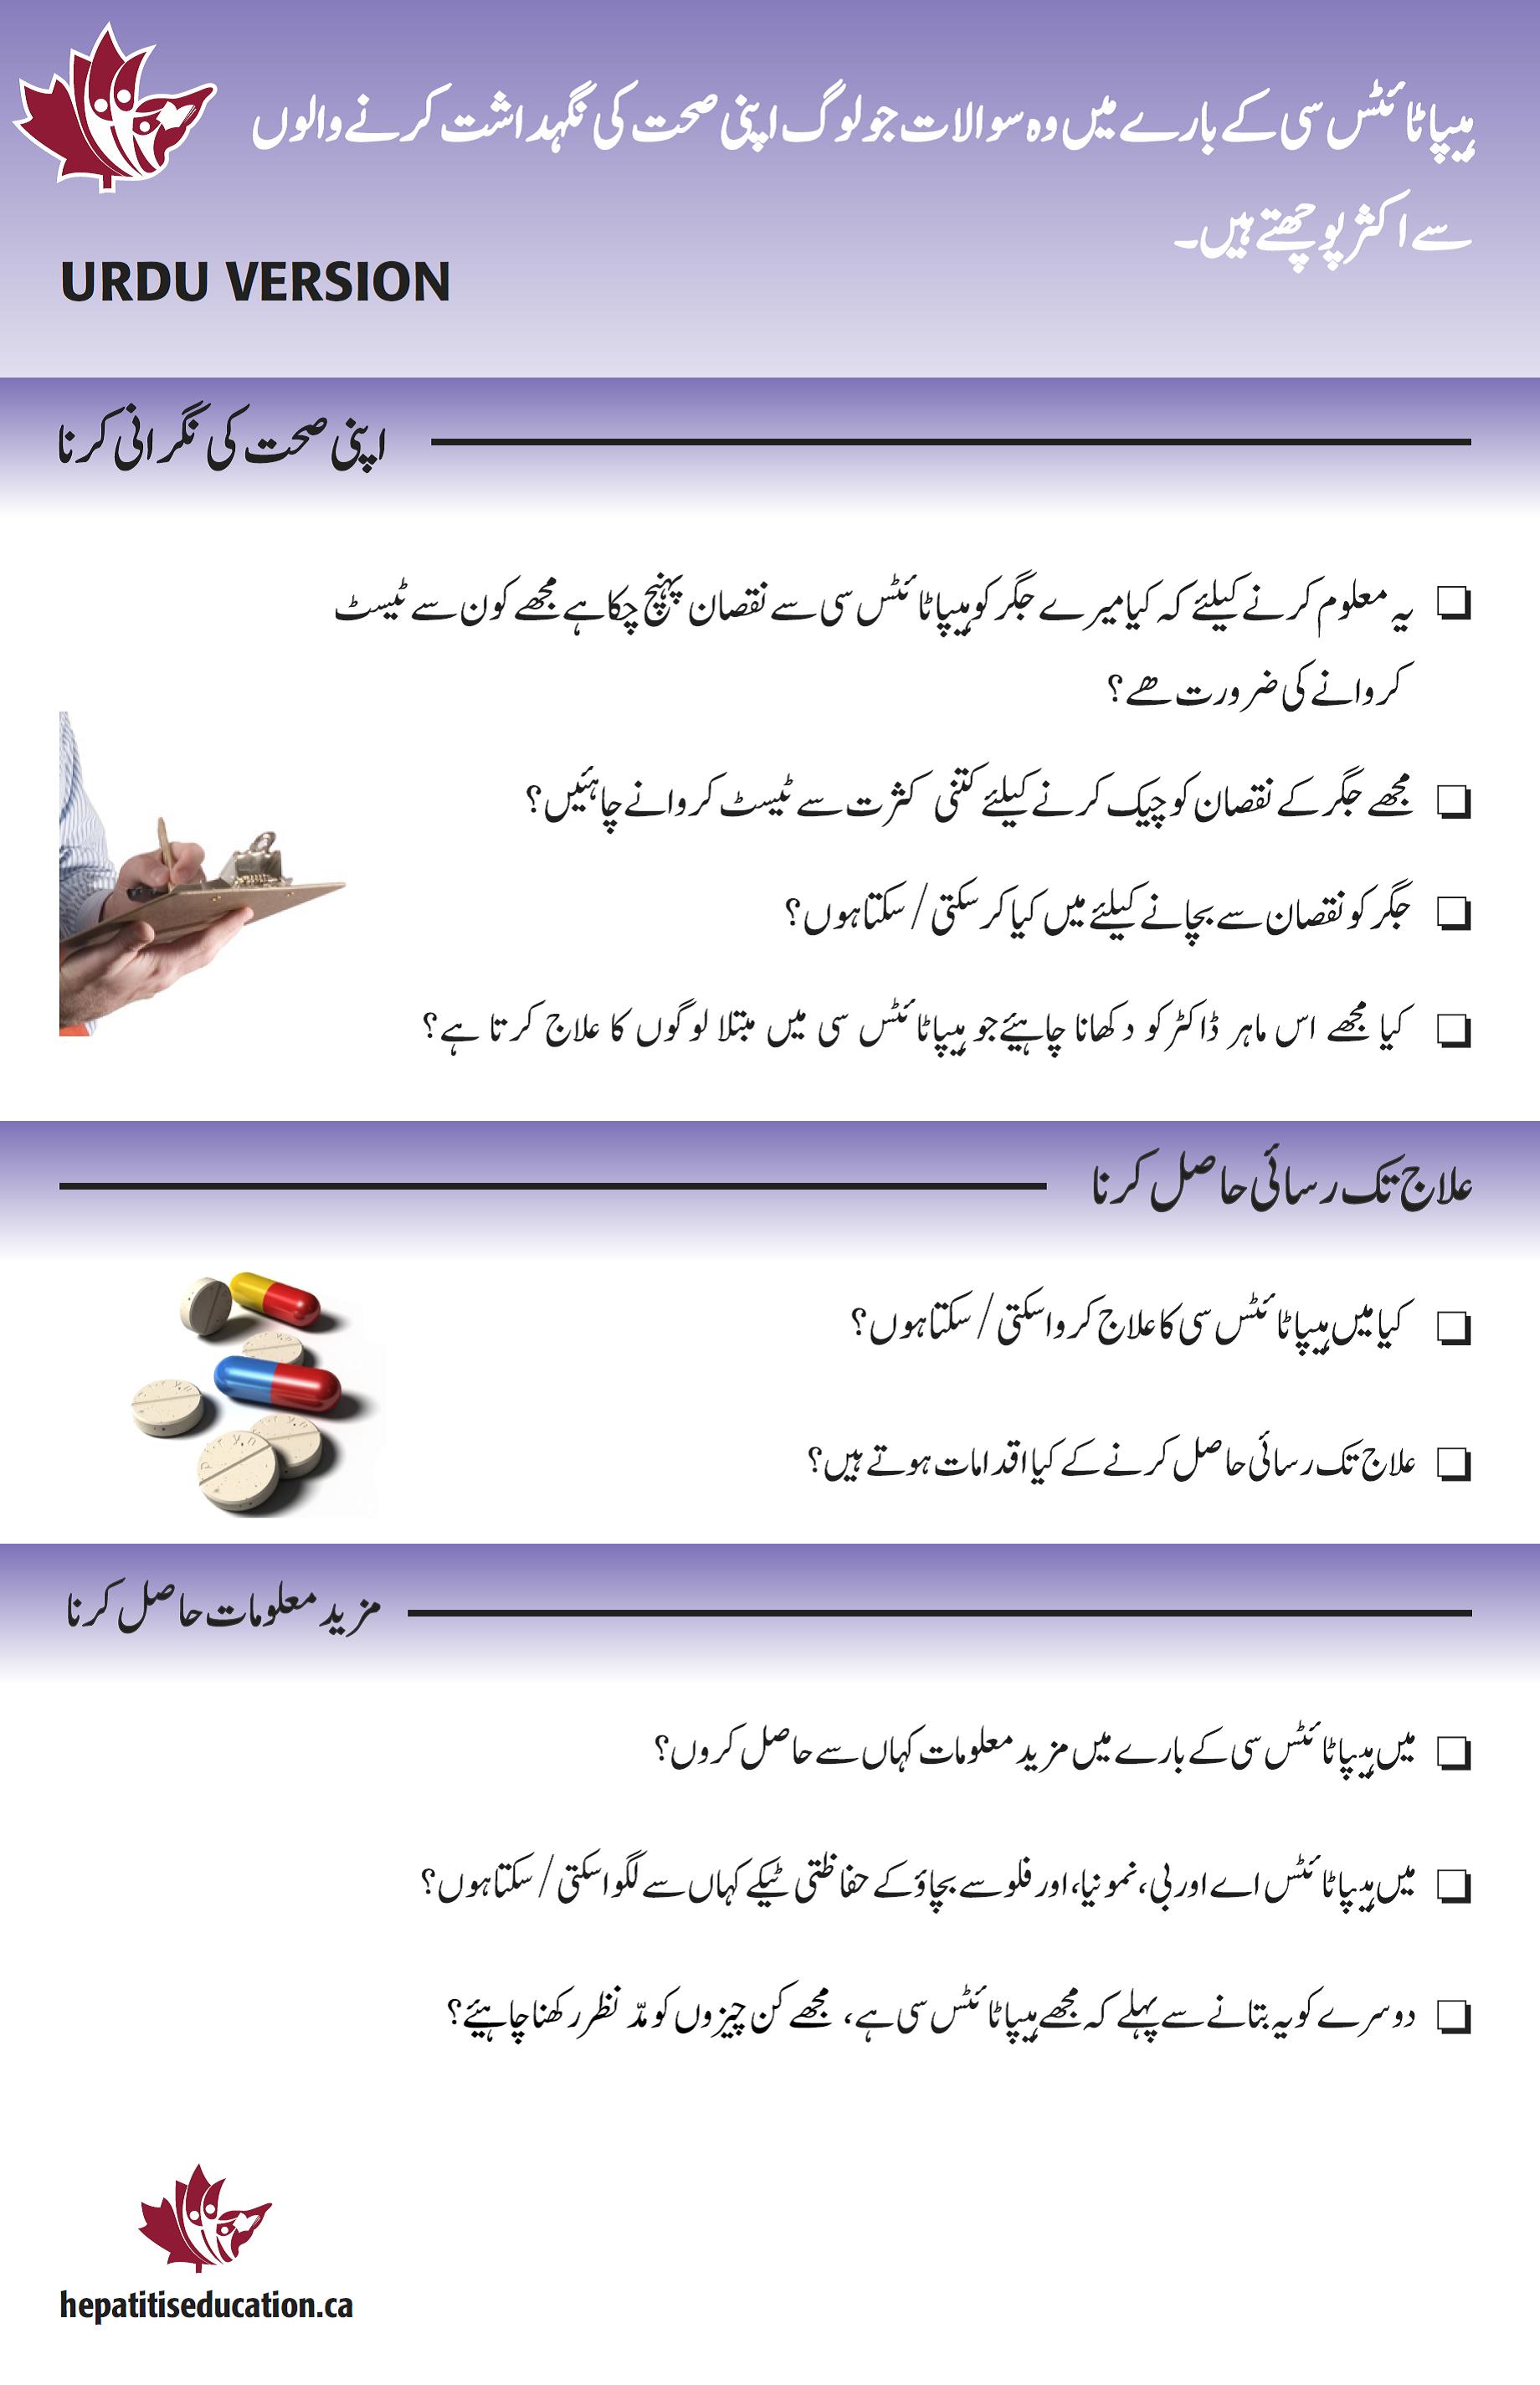 Question list Urdu3 Sept 16 2015